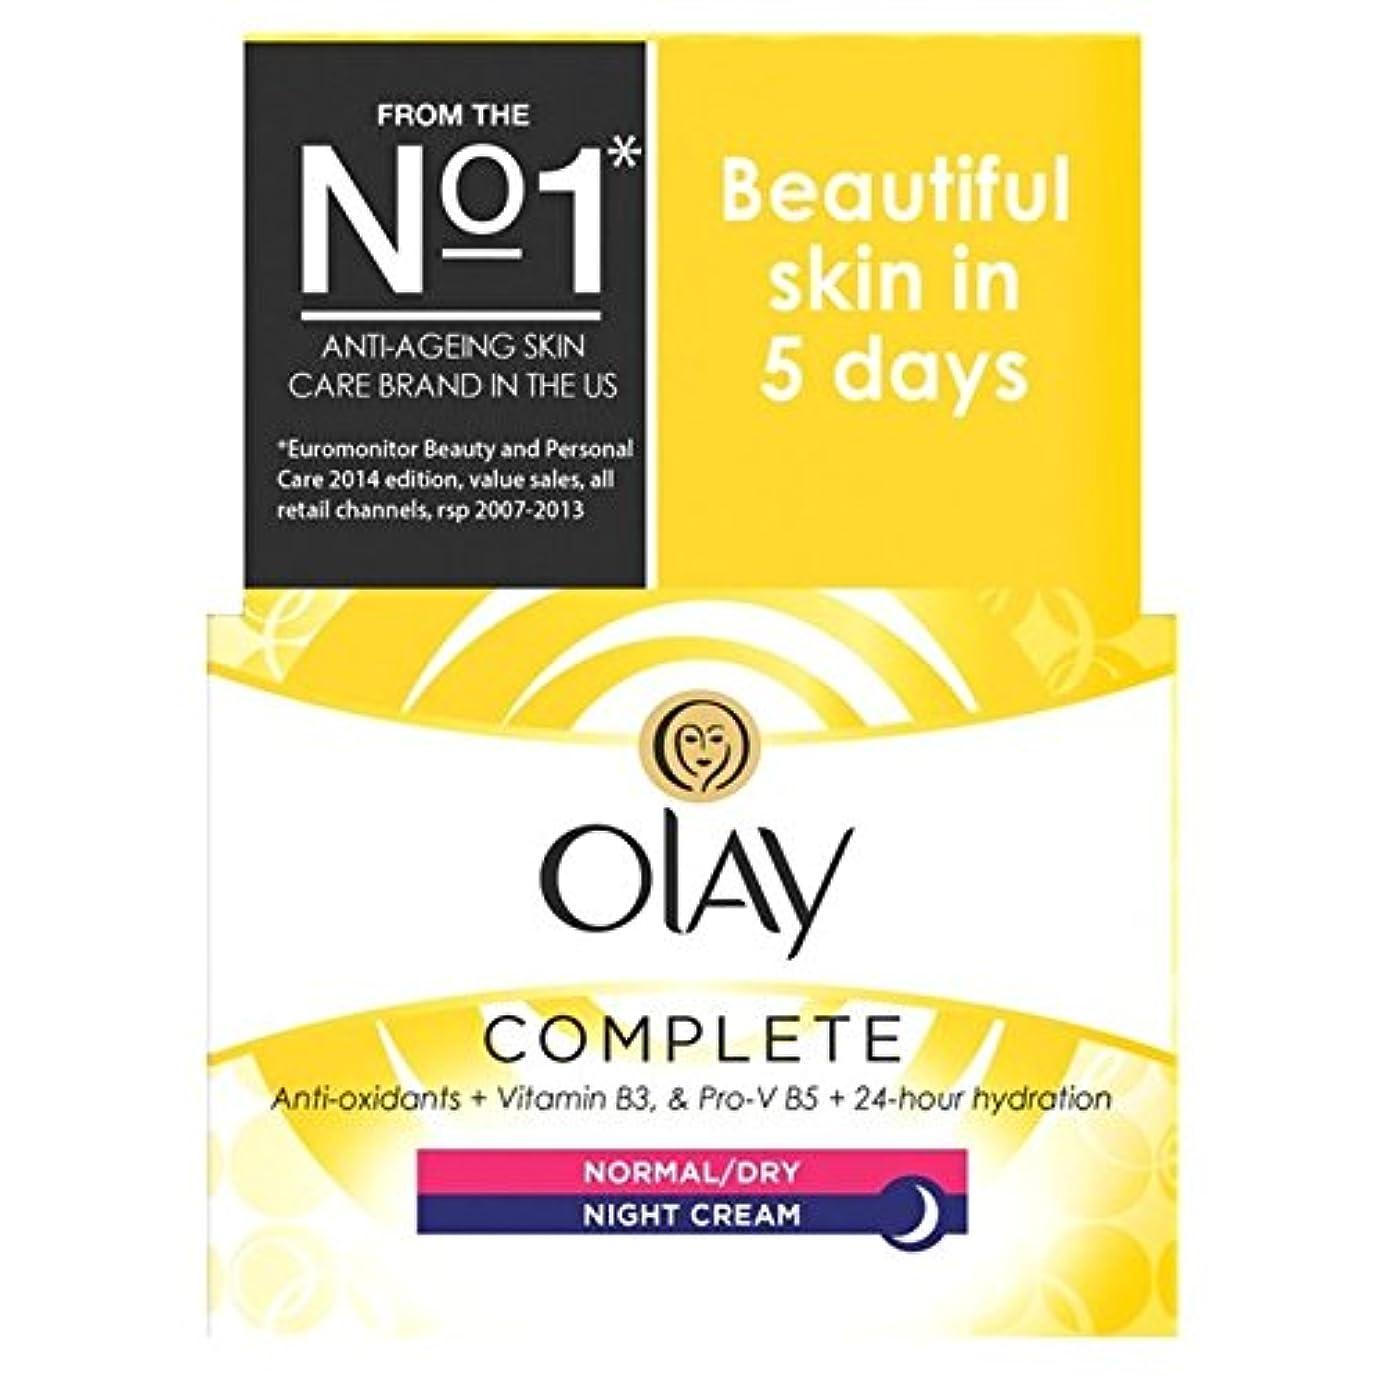 オーレイ必需品の完全なケア保湿ナイトクリーム50ミリリットル x4 - Olay Essentials Complete Care Moisturiser Night Cream 50ml (Pack of 4) [並行輸入品]